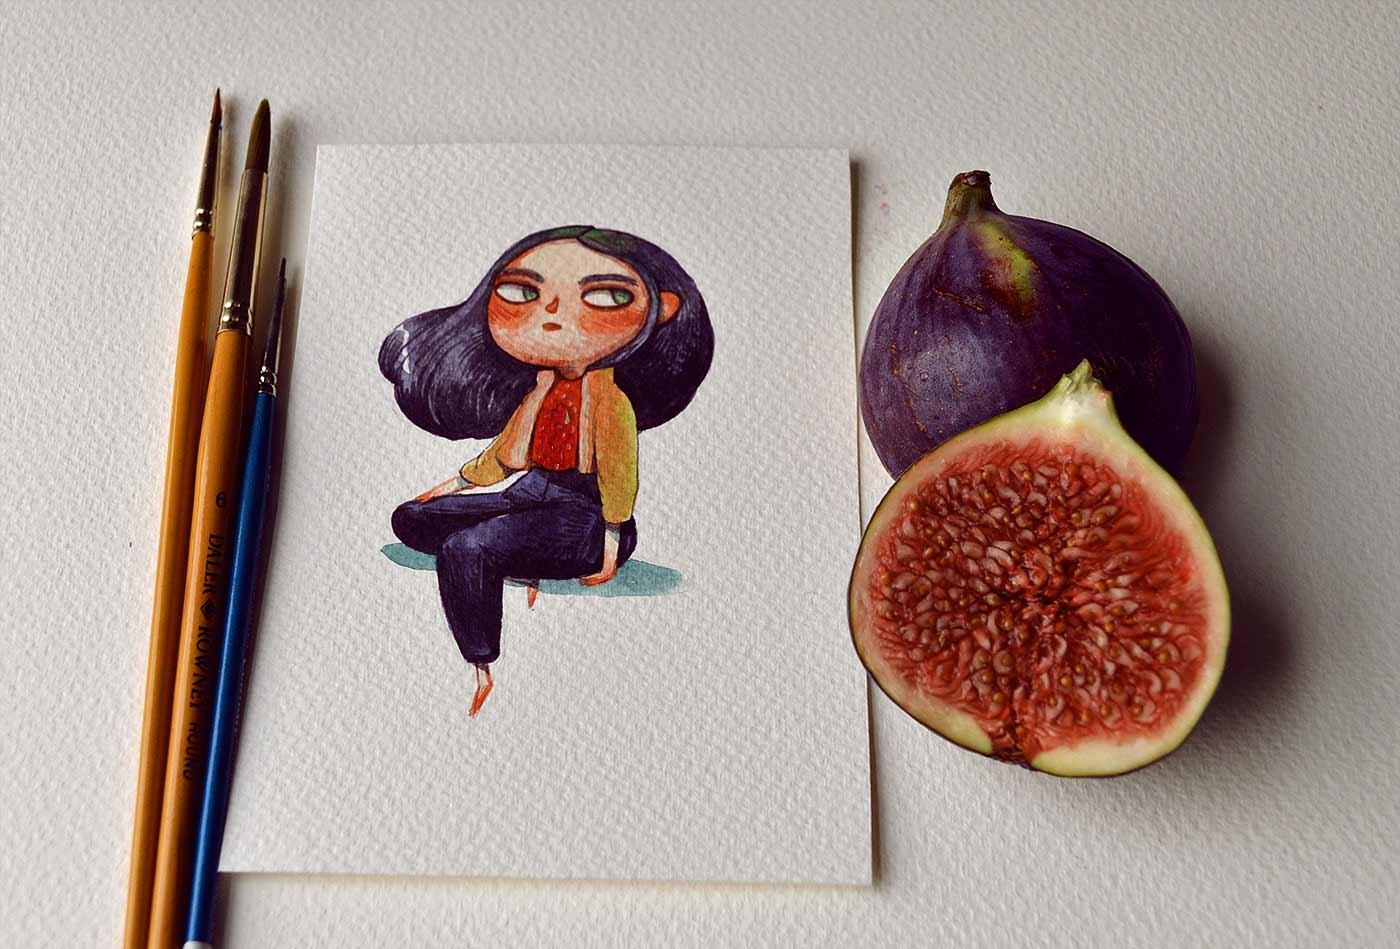 Früchte als Personen gezeichnet obst-als-personen-Marija-Tiurina_05